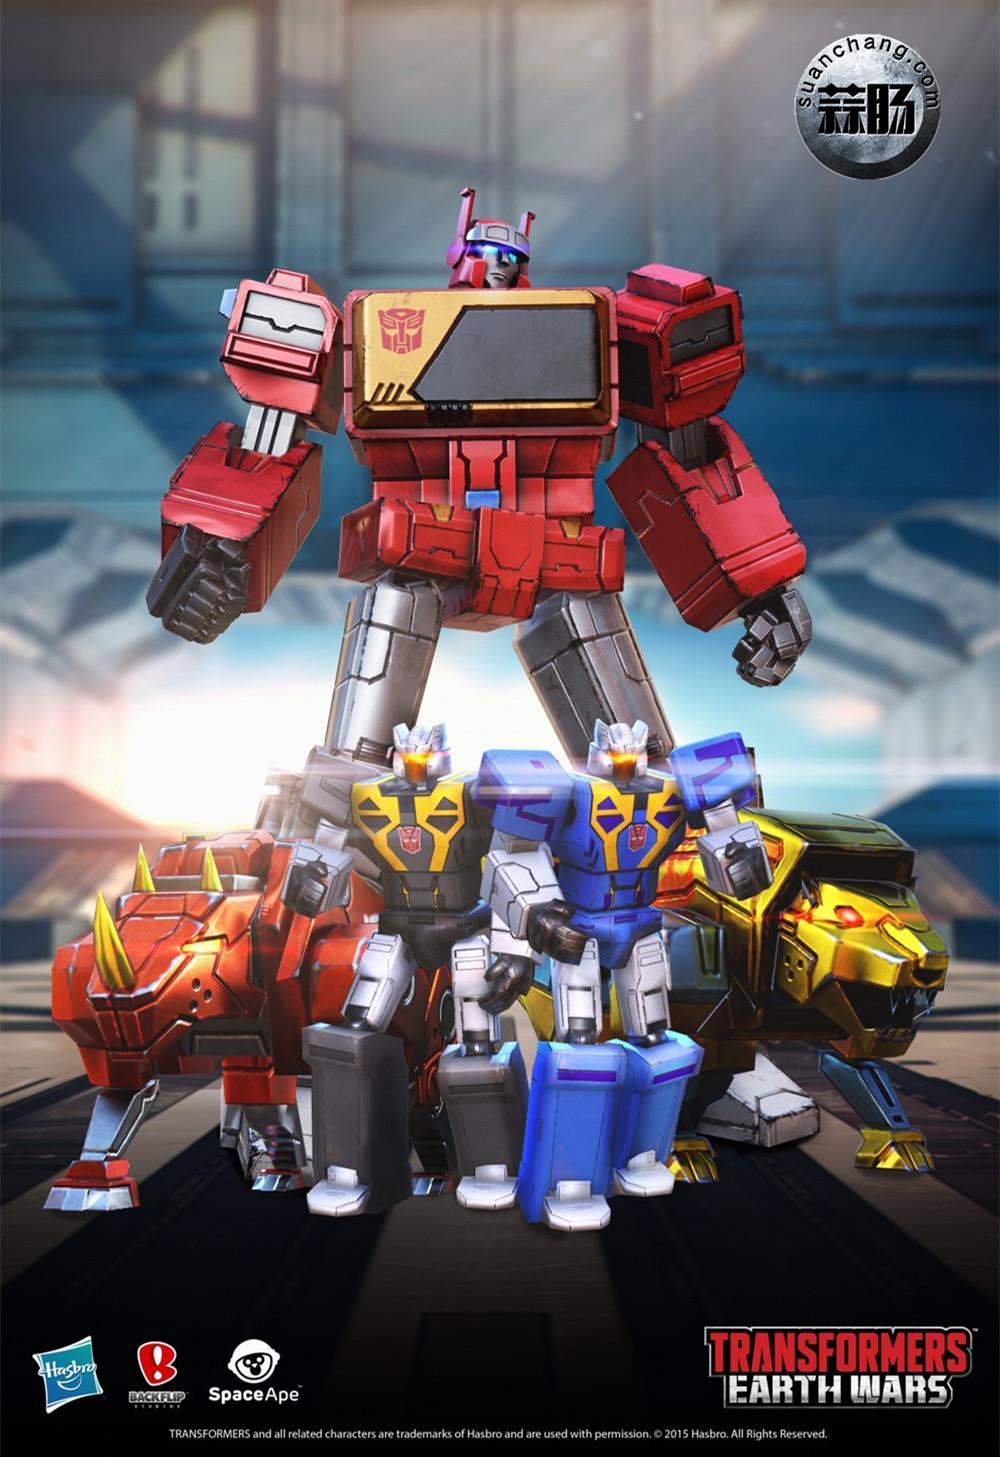 Transformers Earth Wars 游戏人物(一) 变形金刚 第3张